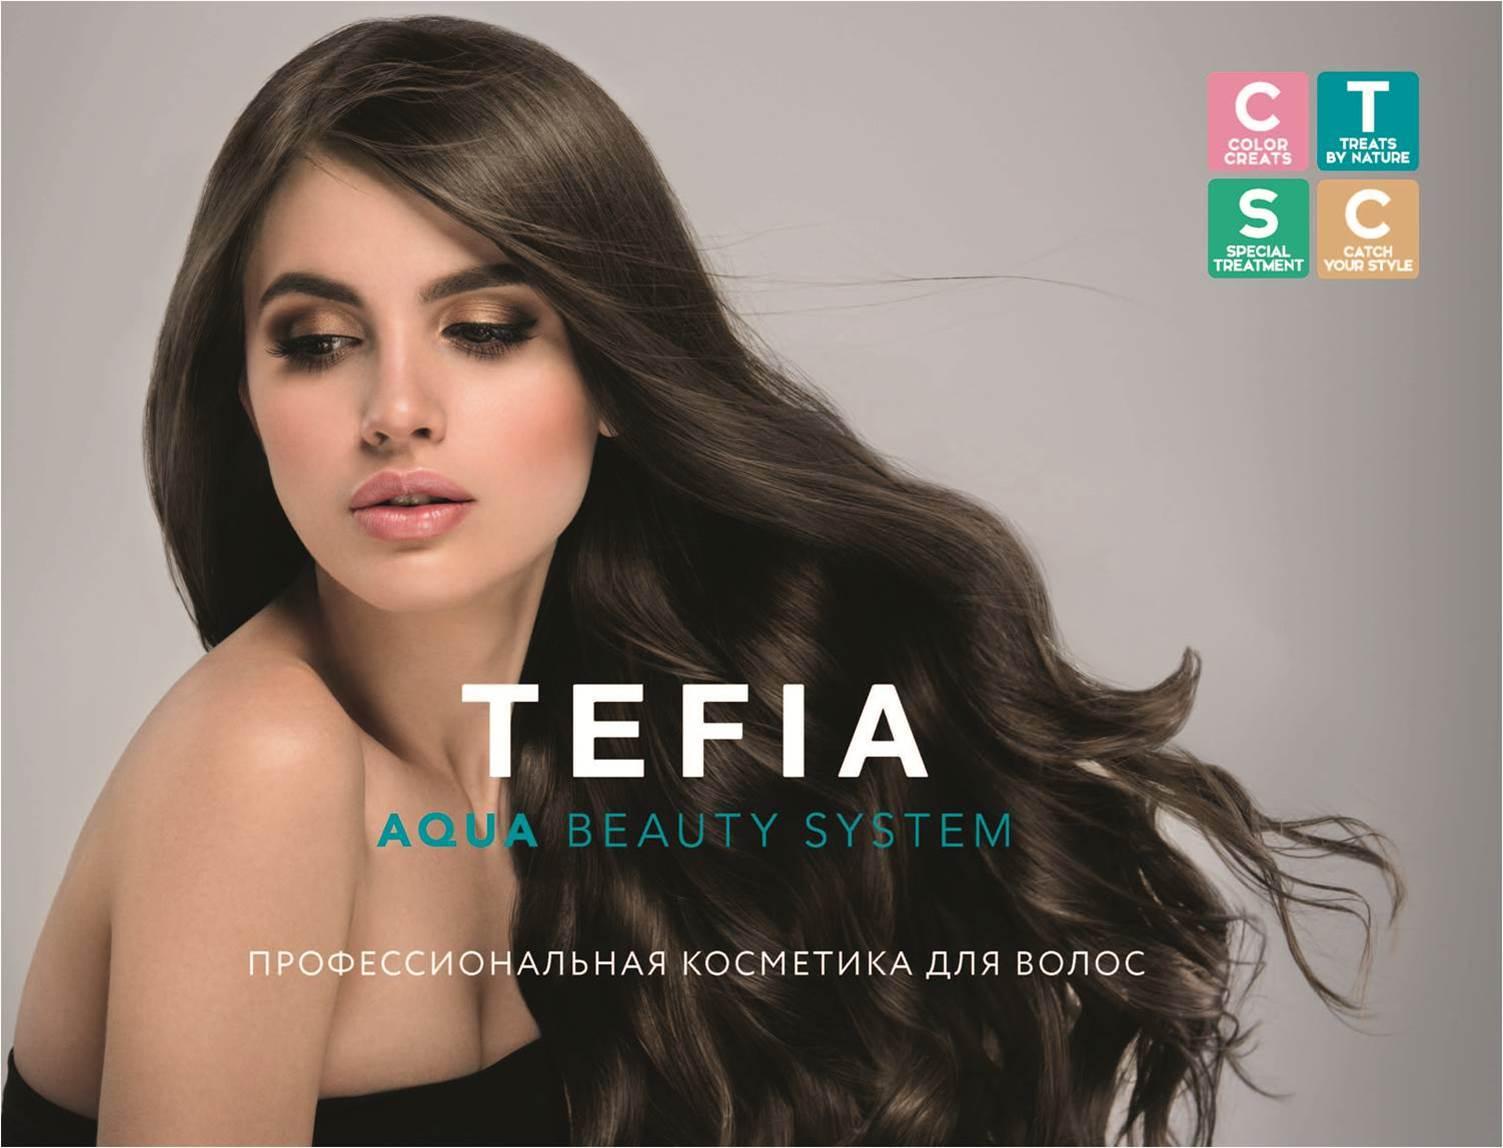 Новинка! TEFIA. Профессиональный уход за волосами! 100% Италия